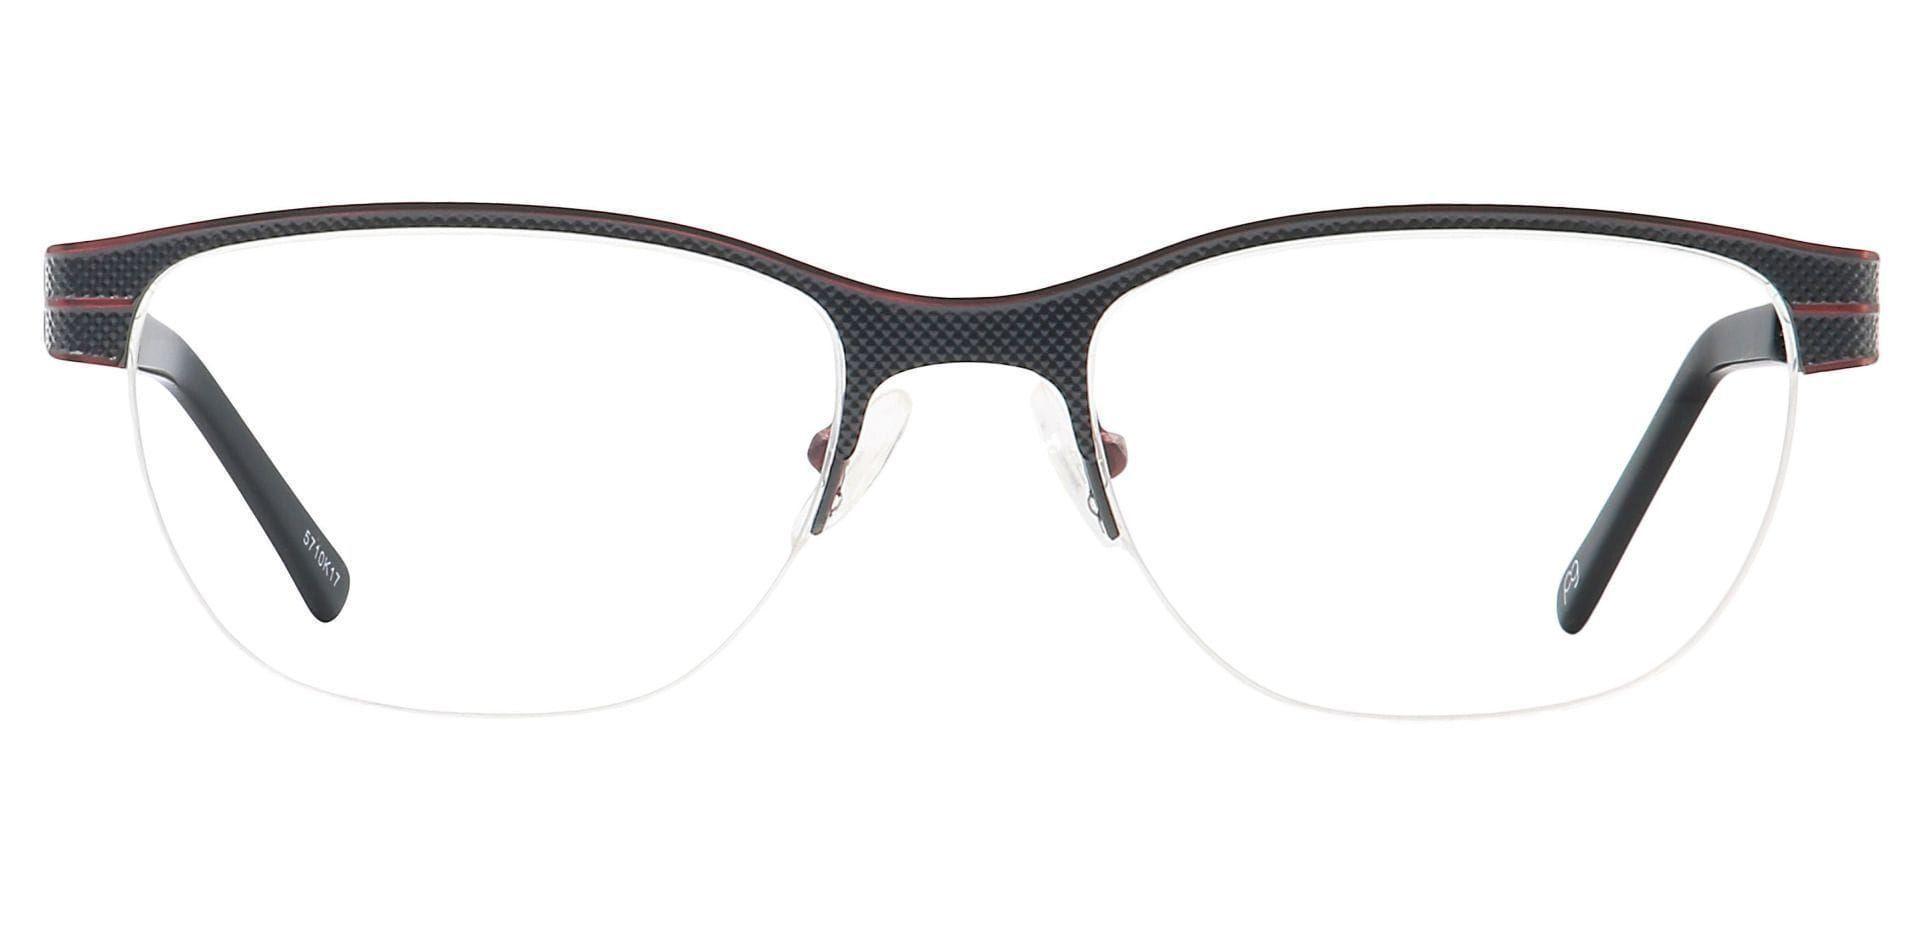 Arren Round Prescription Glasses - Red